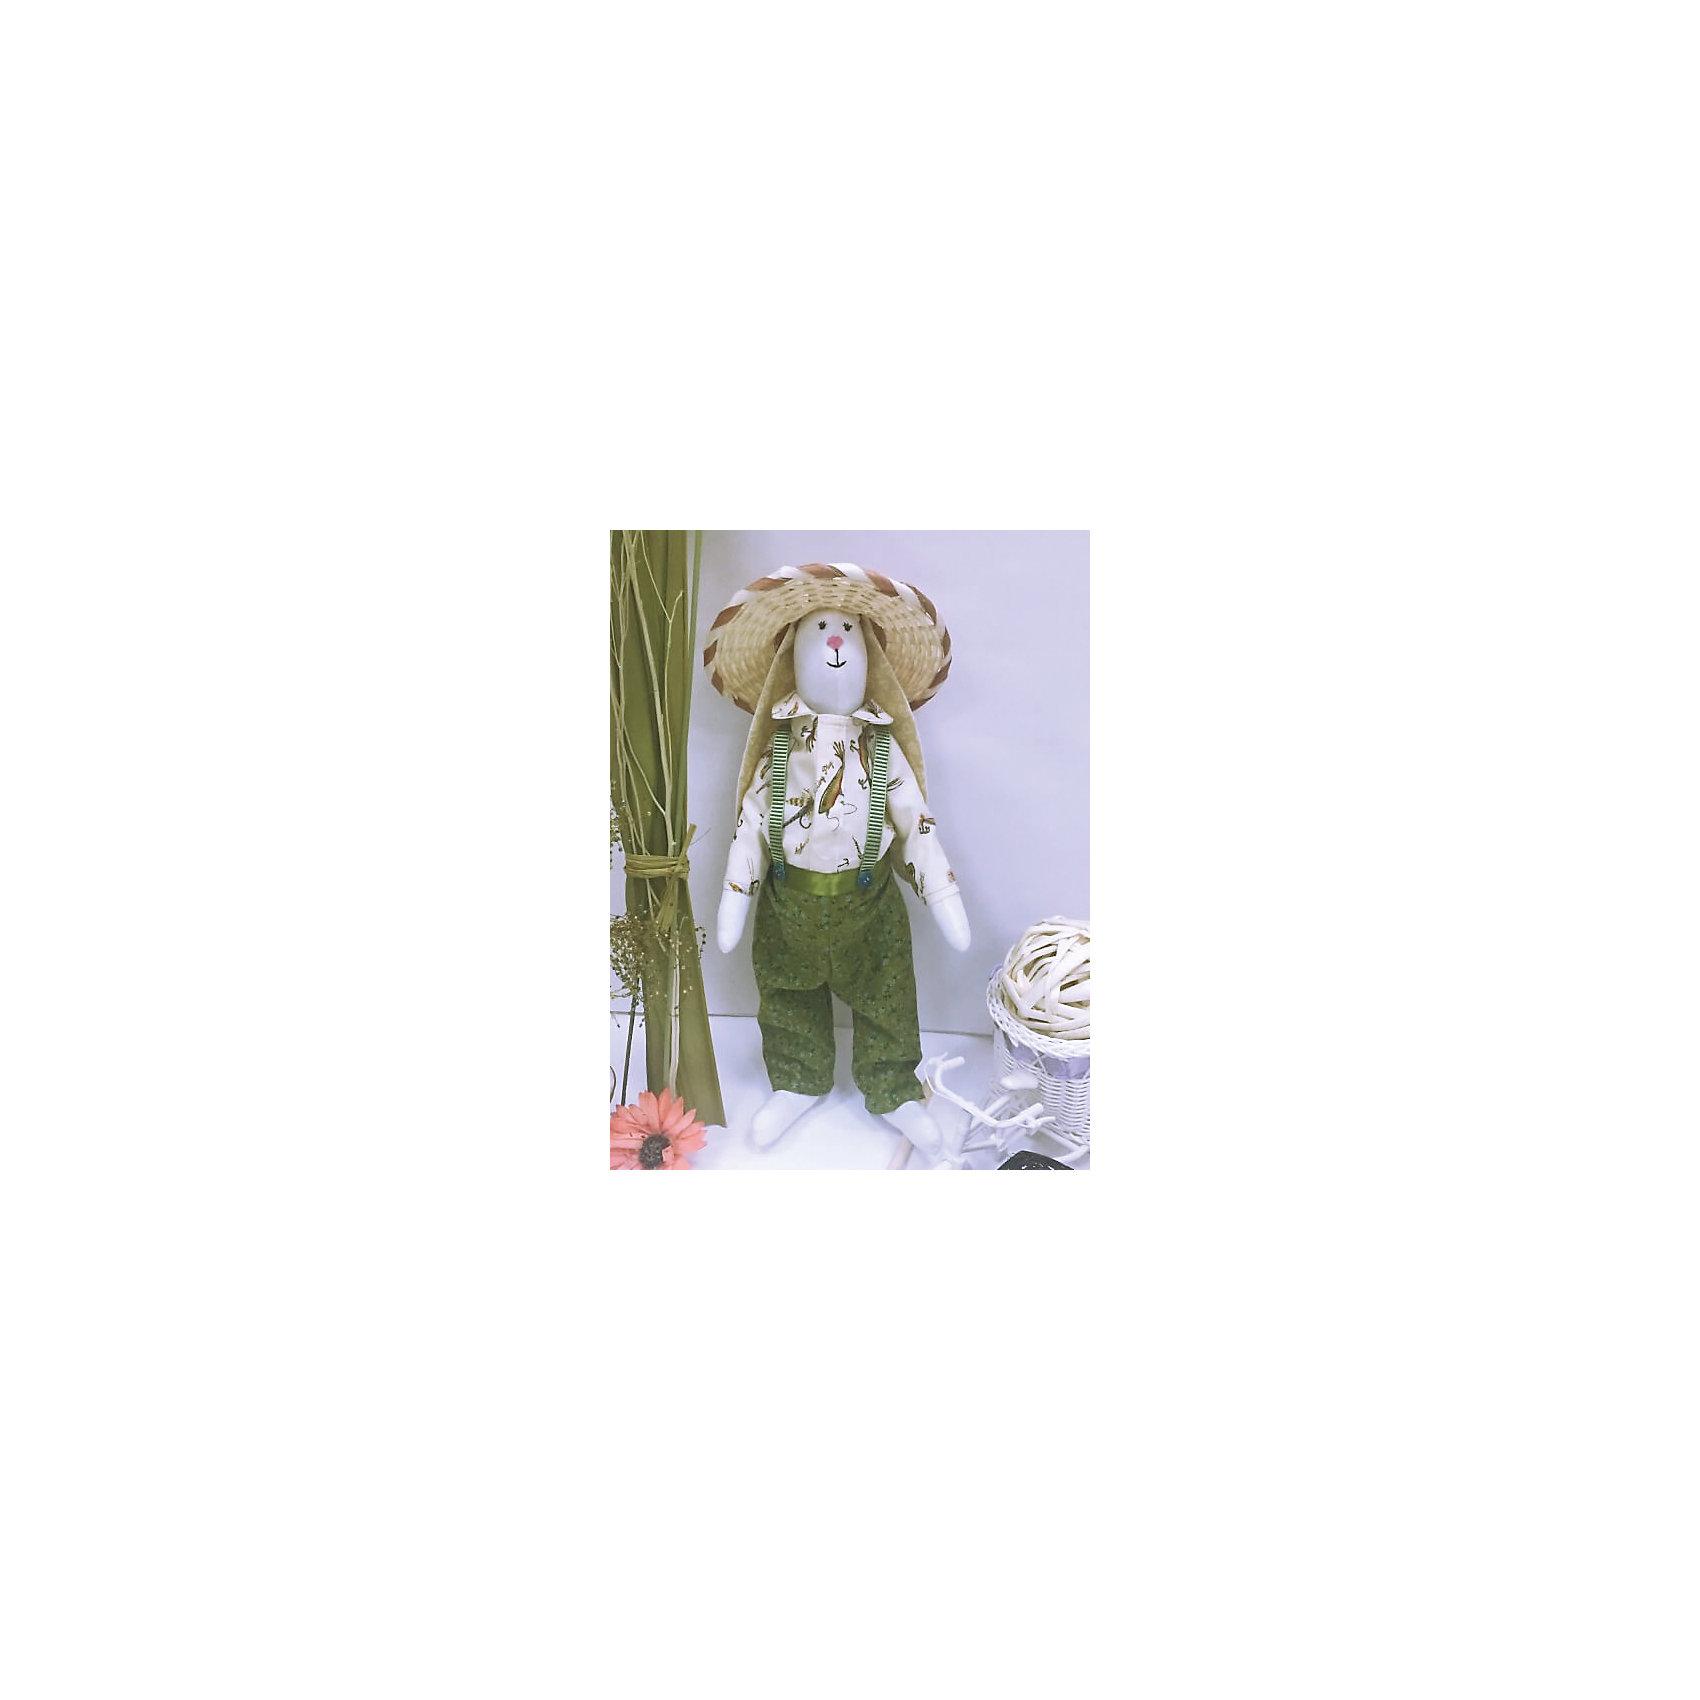 Набор для шитья Зайка ПасечникВ набор входит выкройка, подробная инструкция, лекало, мел, булавки, нитки, наполнитель-холлафайбер, ленты и аксессуары для украшения. Игрушка выполняется из специальной несыпучей ткани для печворка. Своими руками Вы создаете дизайнерскую игрушку<br><br>Ширина мм: 200<br>Глубина мм: 80<br>Высота мм: 260<br>Вес г: 800<br>Возраст от месяцев: 120<br>Возраст до месяцев: 180<br>Пол: Унисекс<br>Возраст: Детский<br>SKU: 5350863